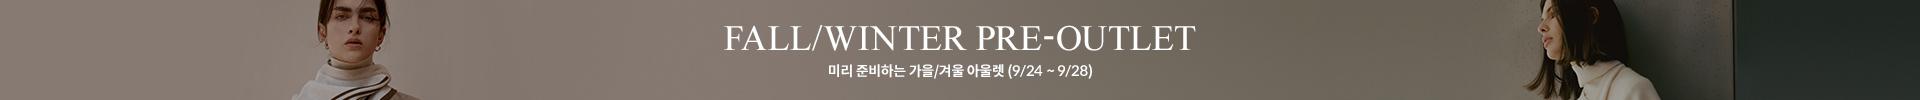 국내_FALL/WINTER PRE-OUTLET